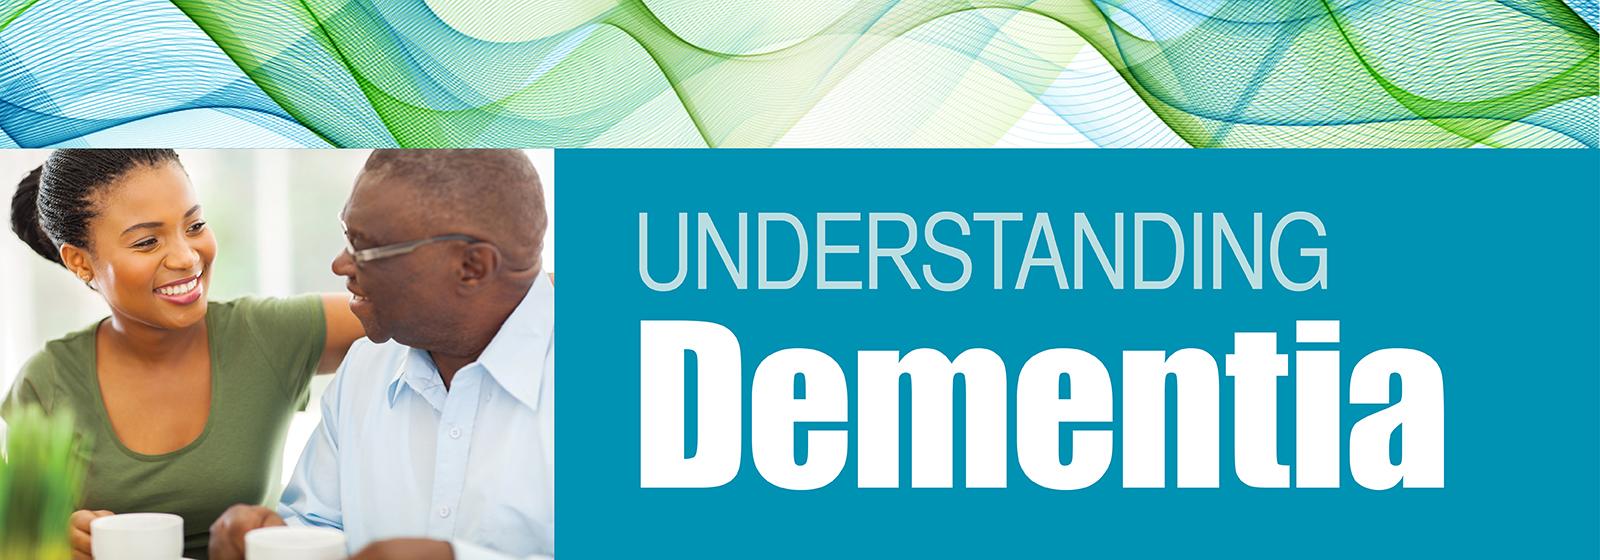 Dementia Awareness Education